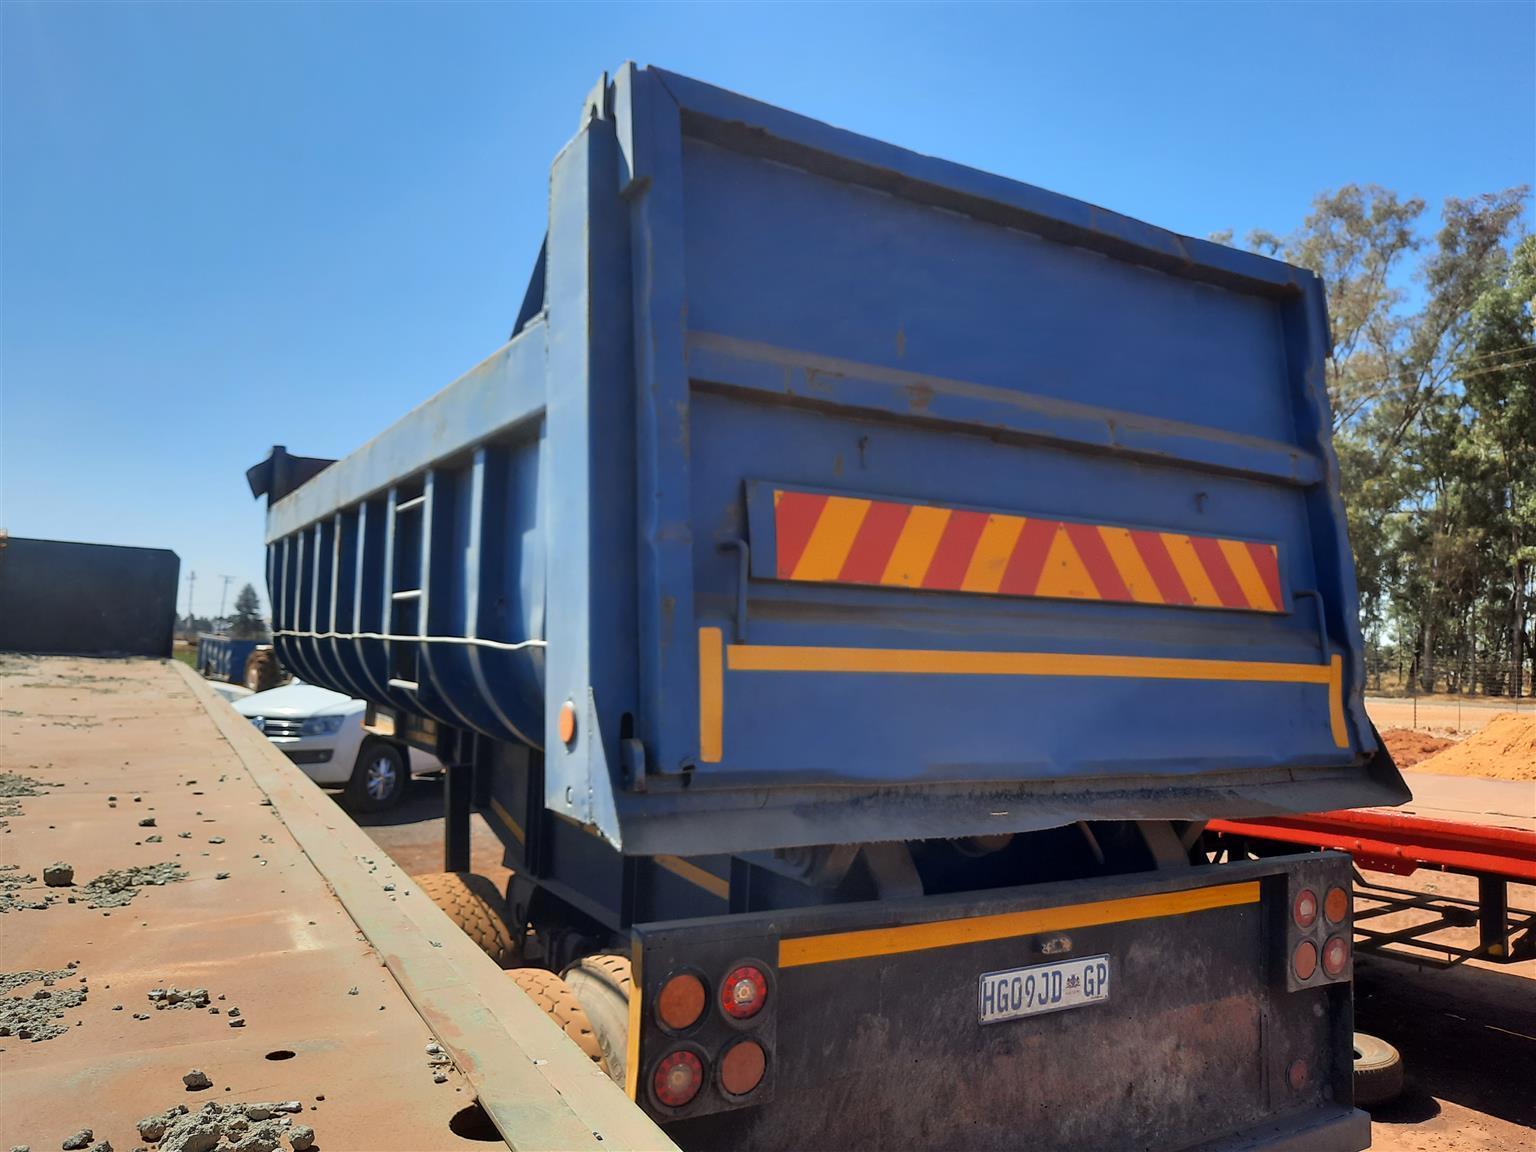 Coplyn 17 cub double axle trailer